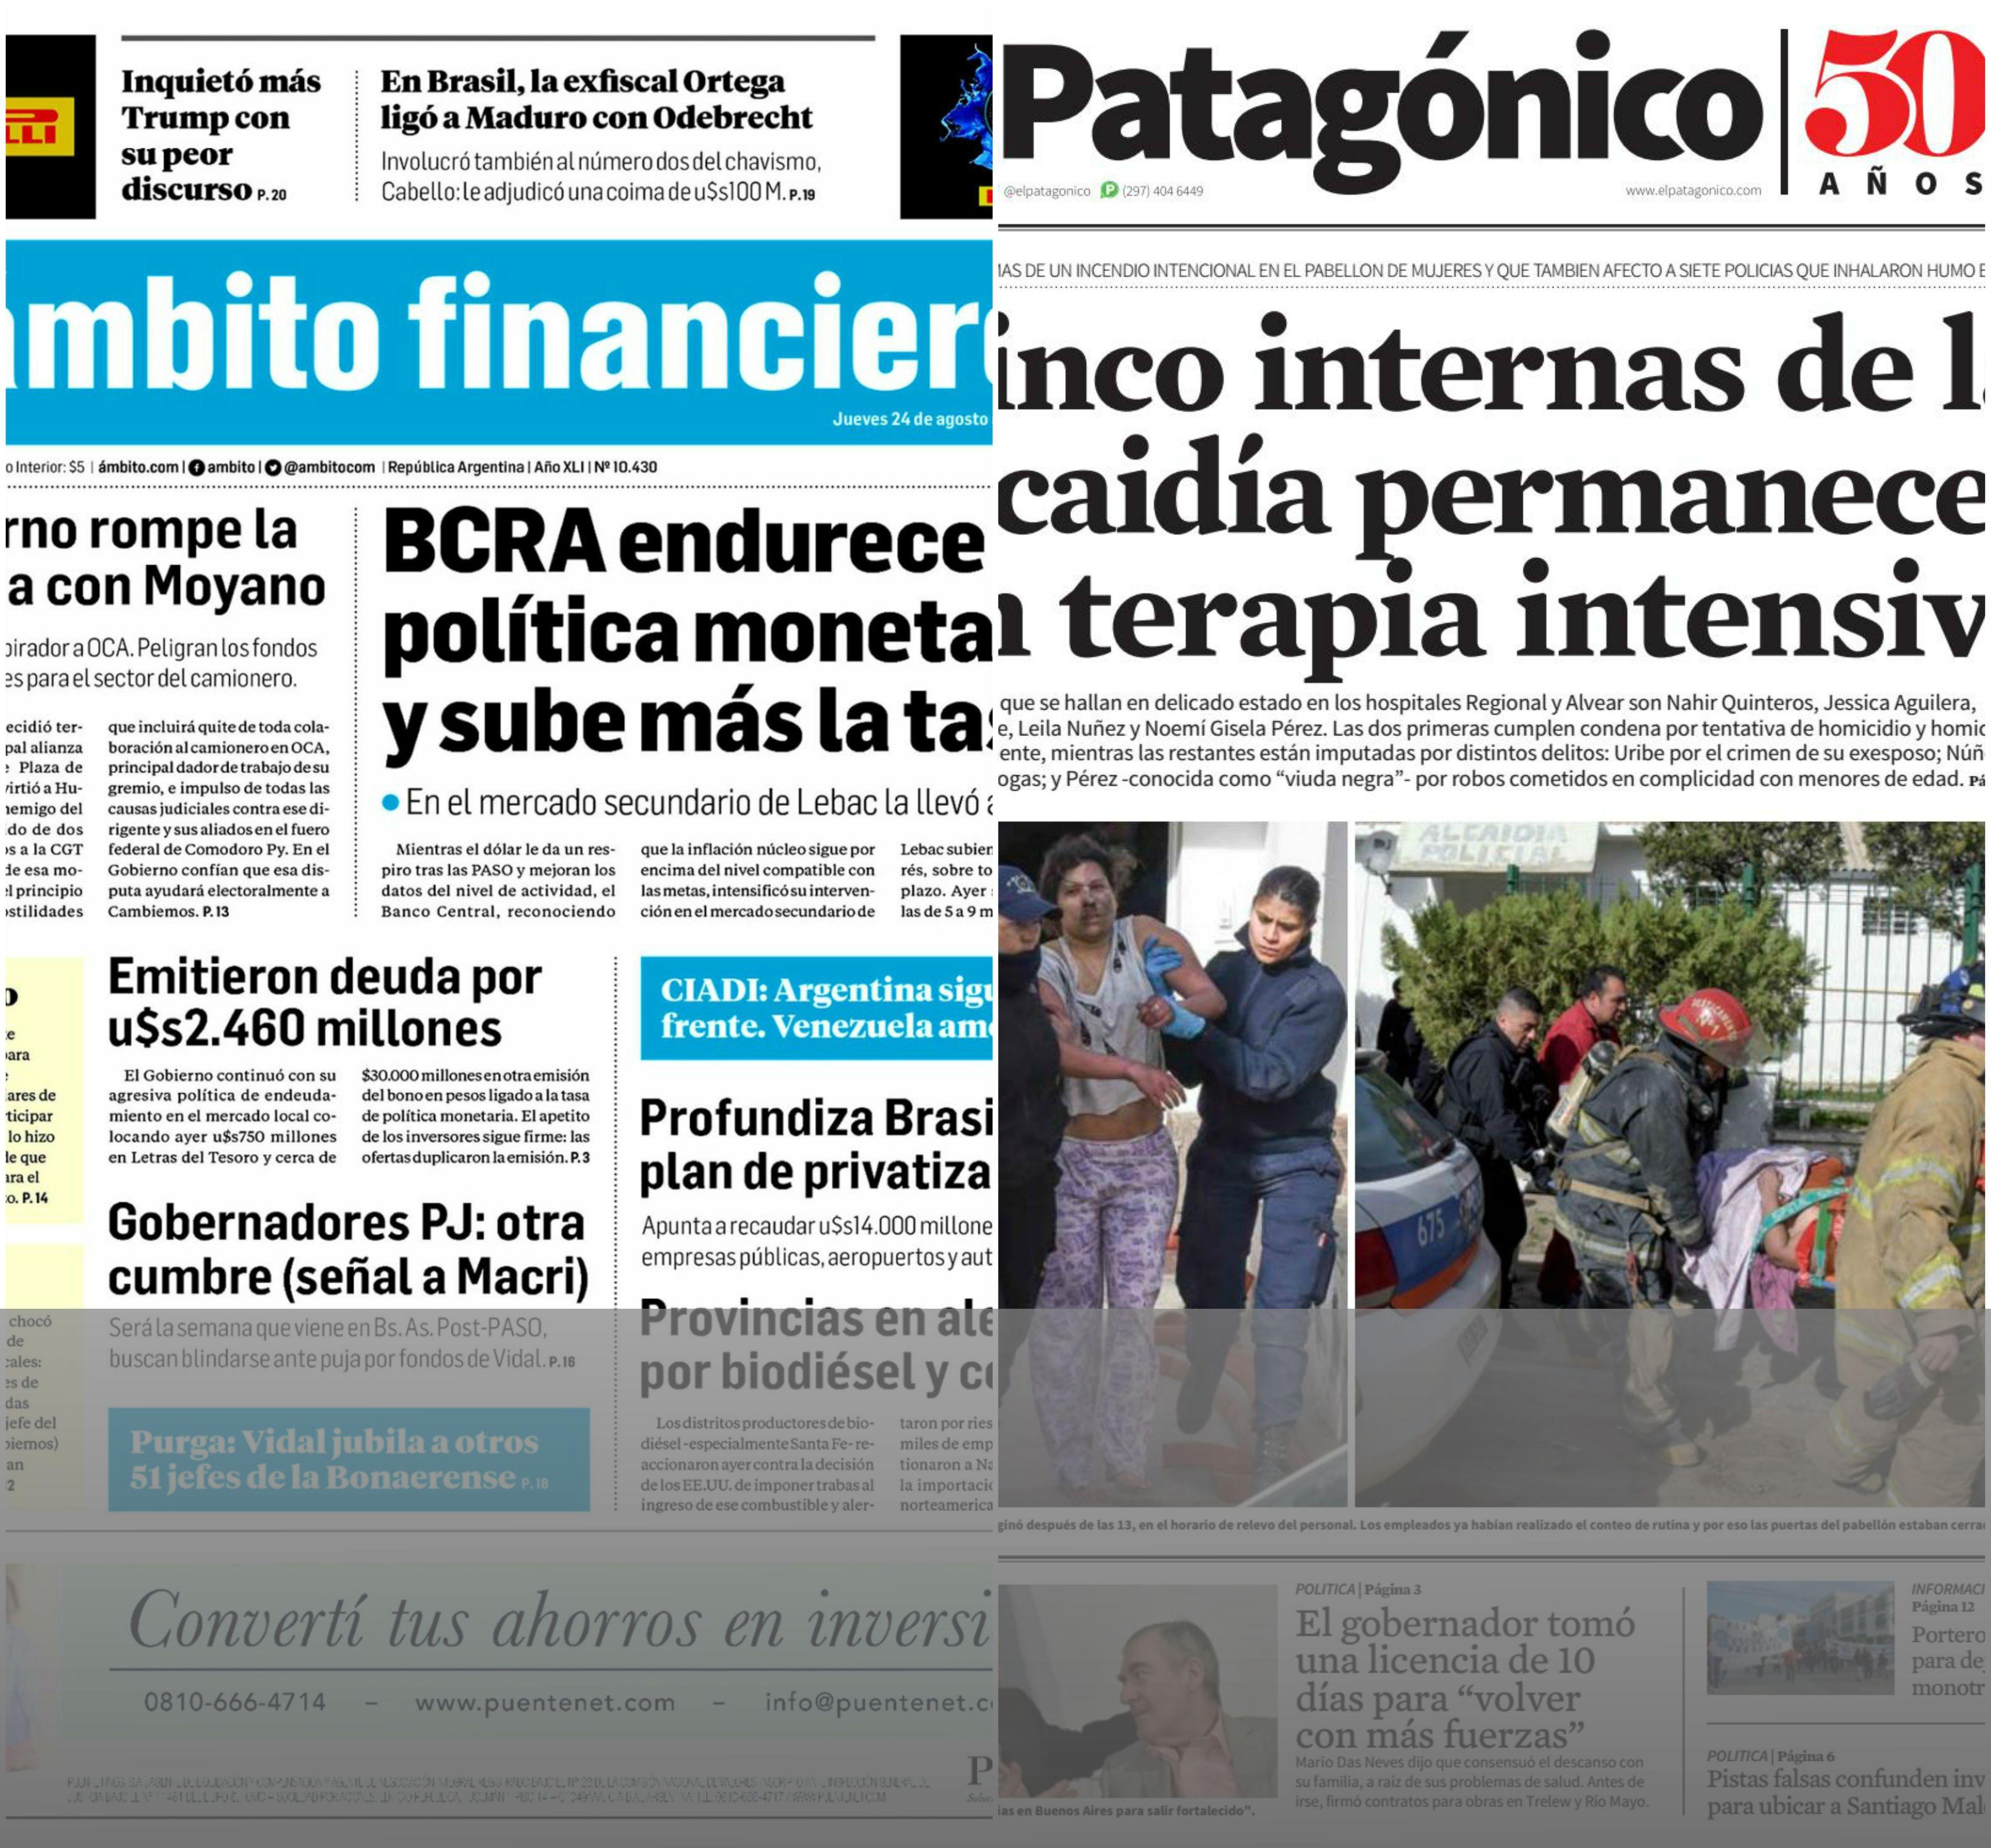 Tapas de diarios del jueves 24 de agosto de 2017